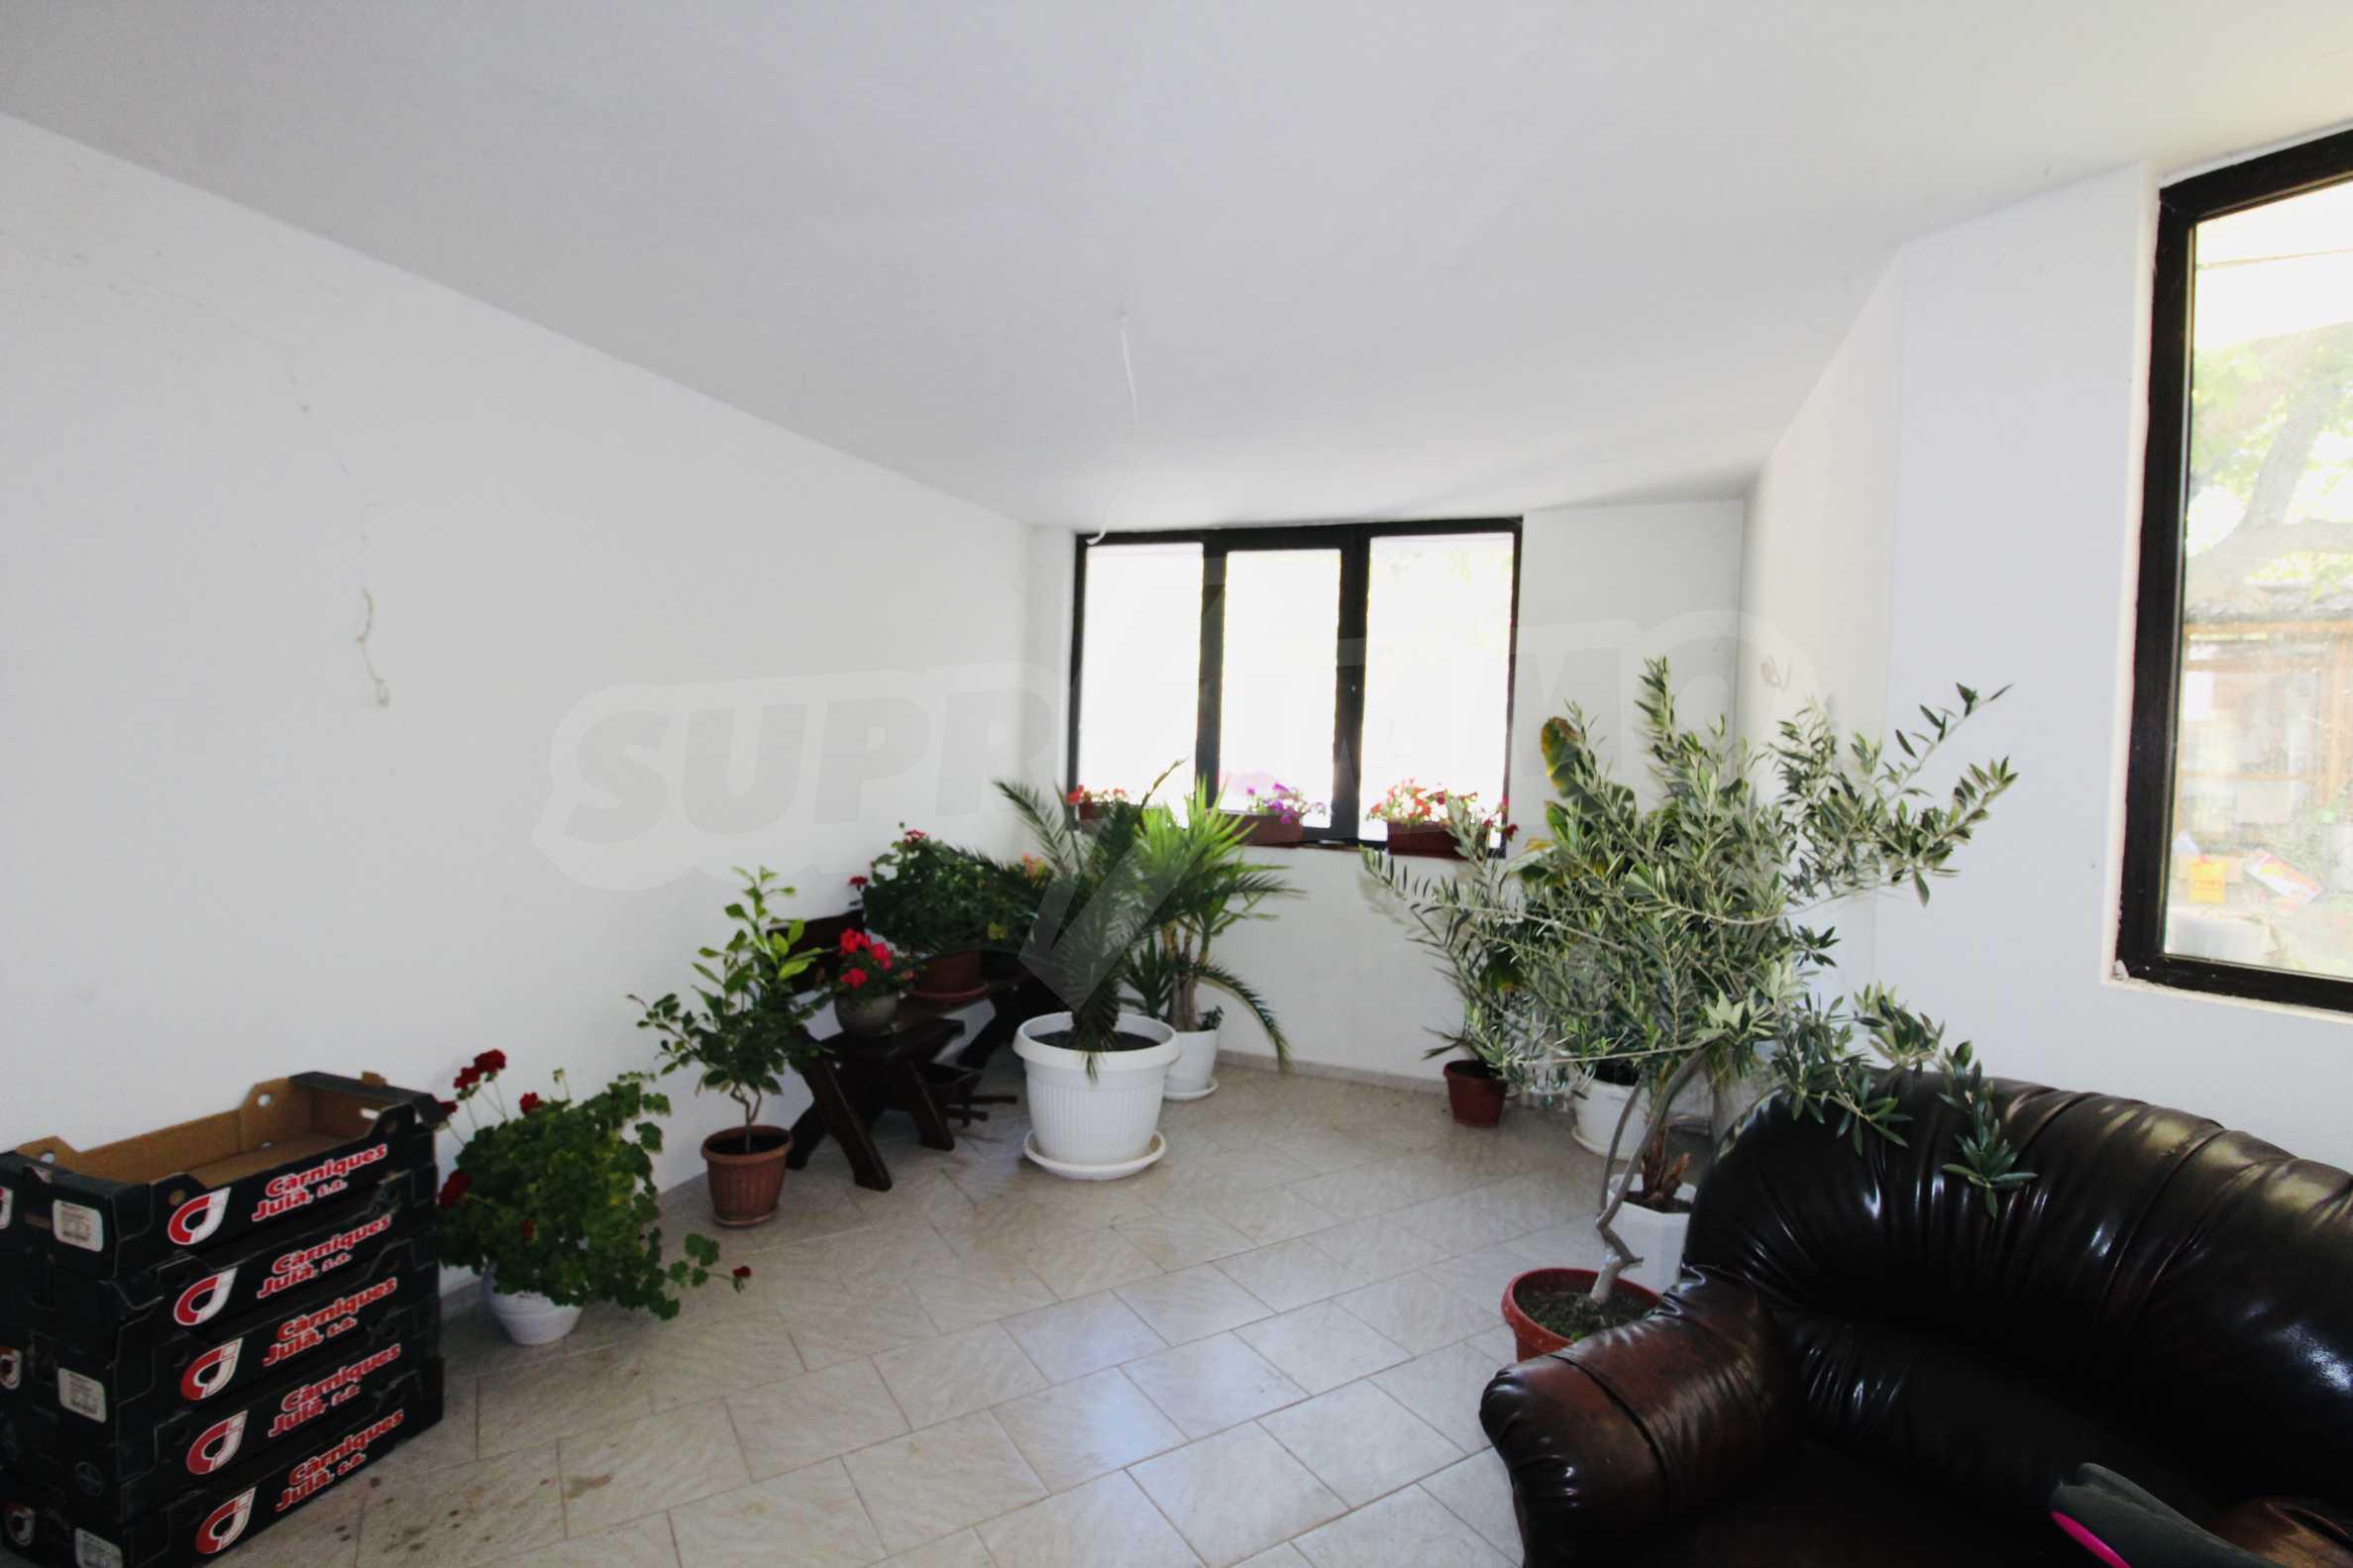 Zwei-Zimmer-Wohnung mit Parkplatz und Keller in der berühmten architektonischen Reserve Arbanassi 2